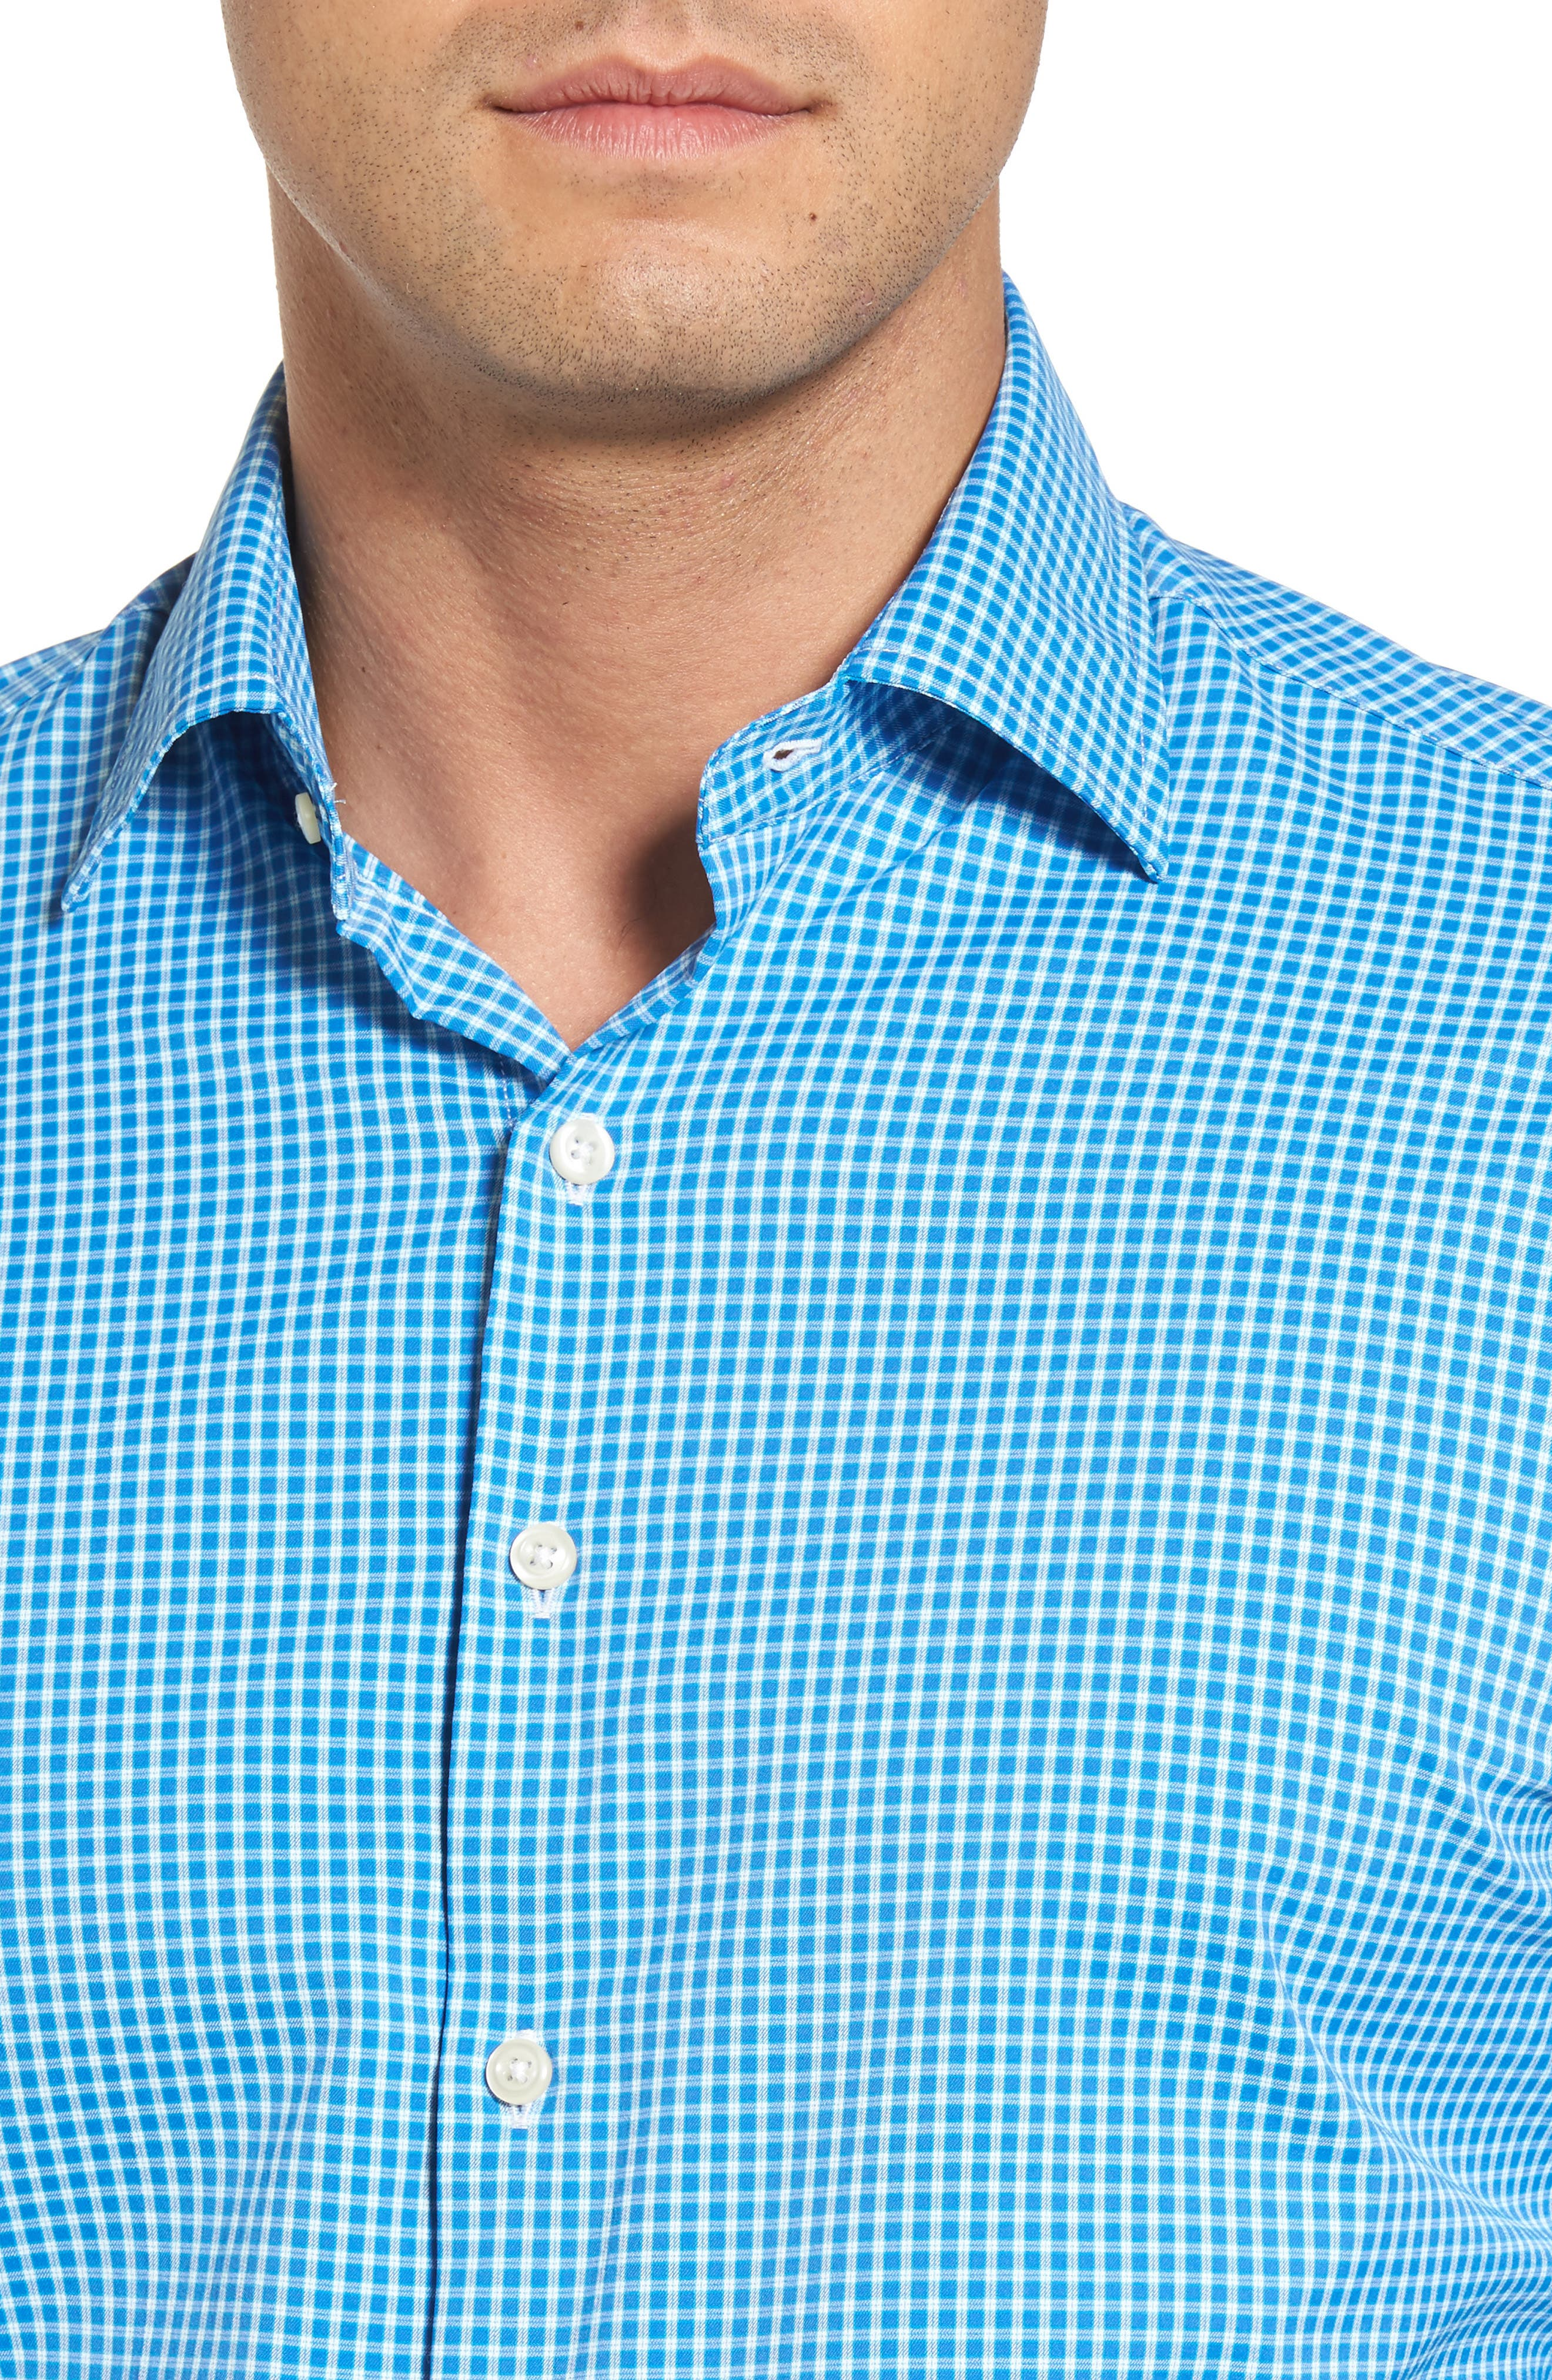 Statler Regular Fit Check Performance Sport Shirt,                             Alternate thumbnail 4, color,                             403